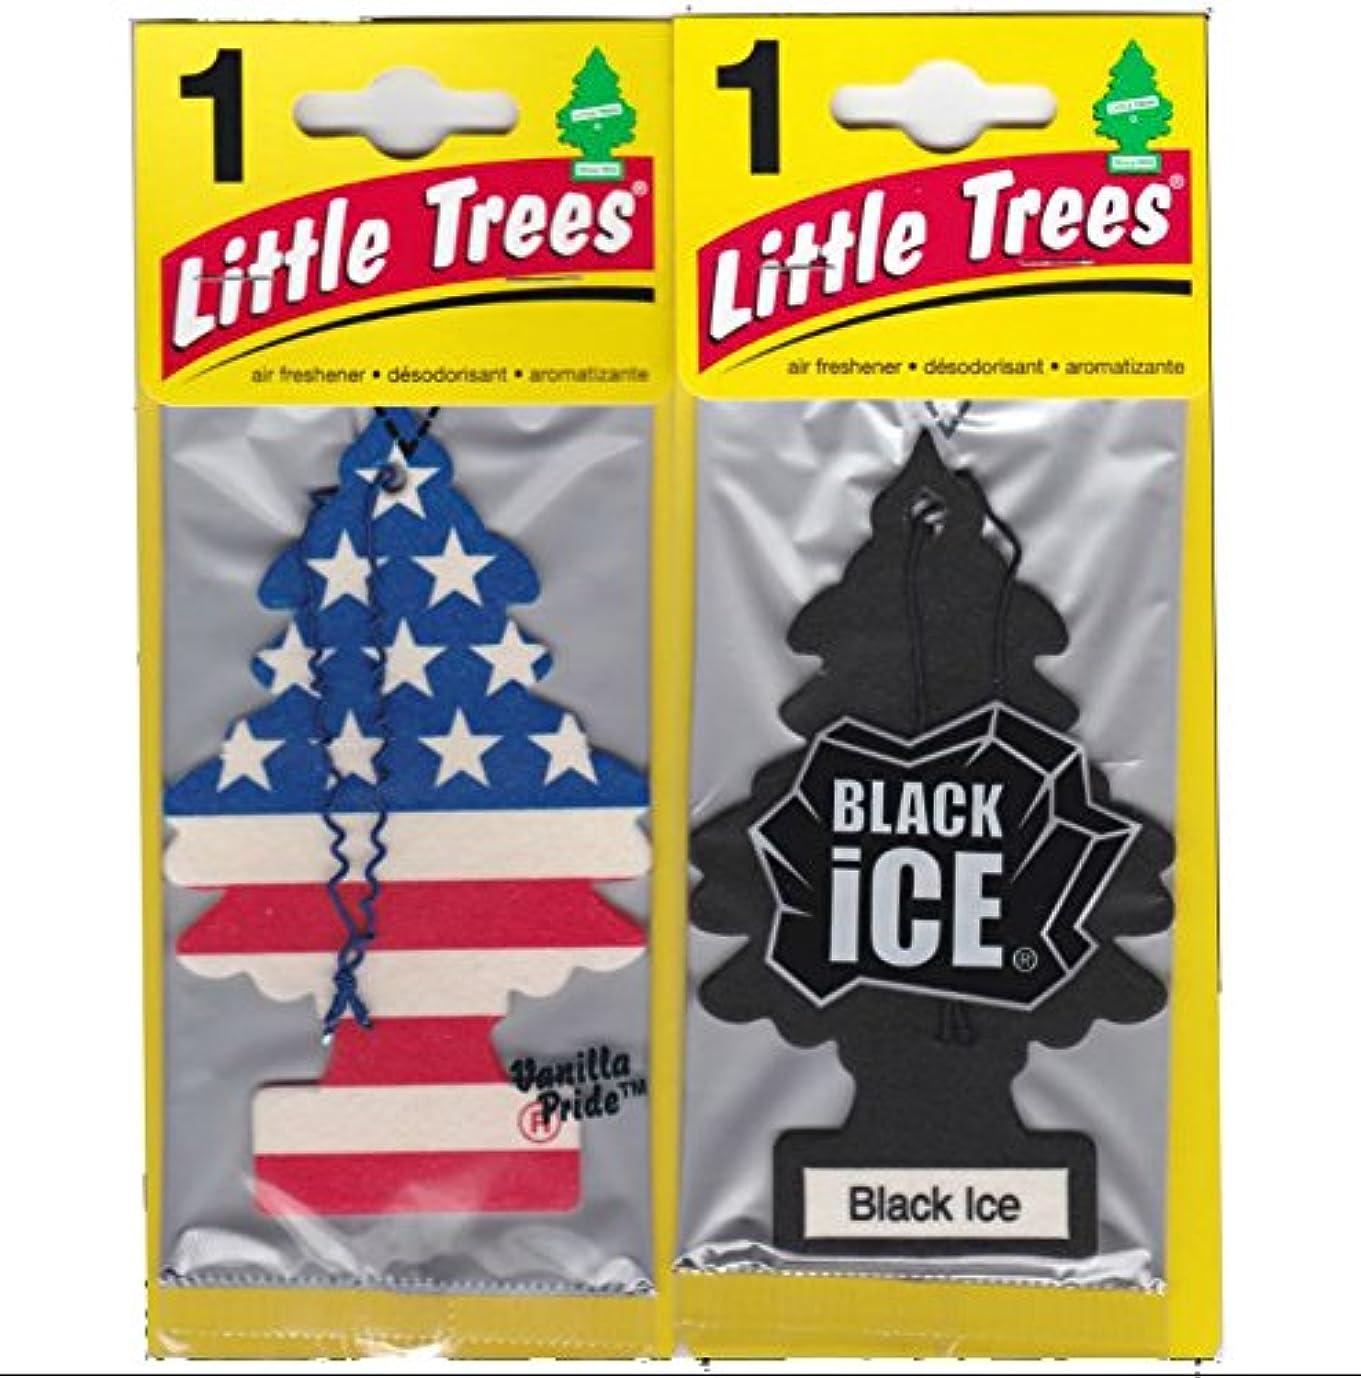 ローン楕円形テープLittle Trees 吊下げ式 芳香剤 エアーフレッシュナー ブラックアイス & バニラプライド [並行輸入品]